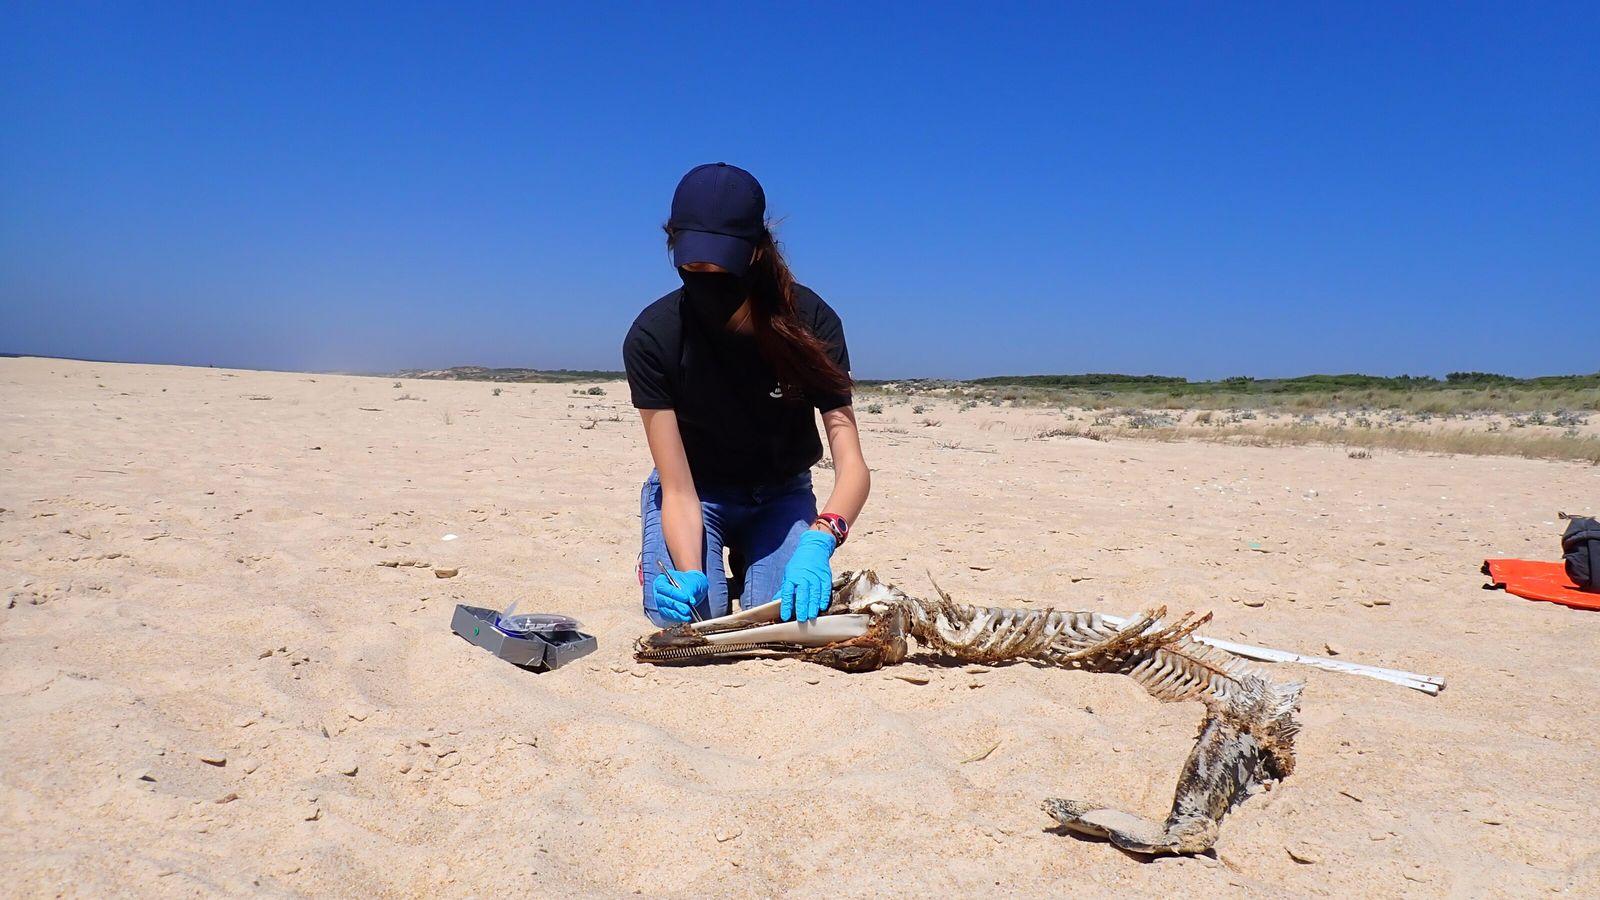 Amostragem, por investigadora do projeto ARROJAL, de um golfinho-comum (Delphinus delphis) arrojado na costa a norte ...